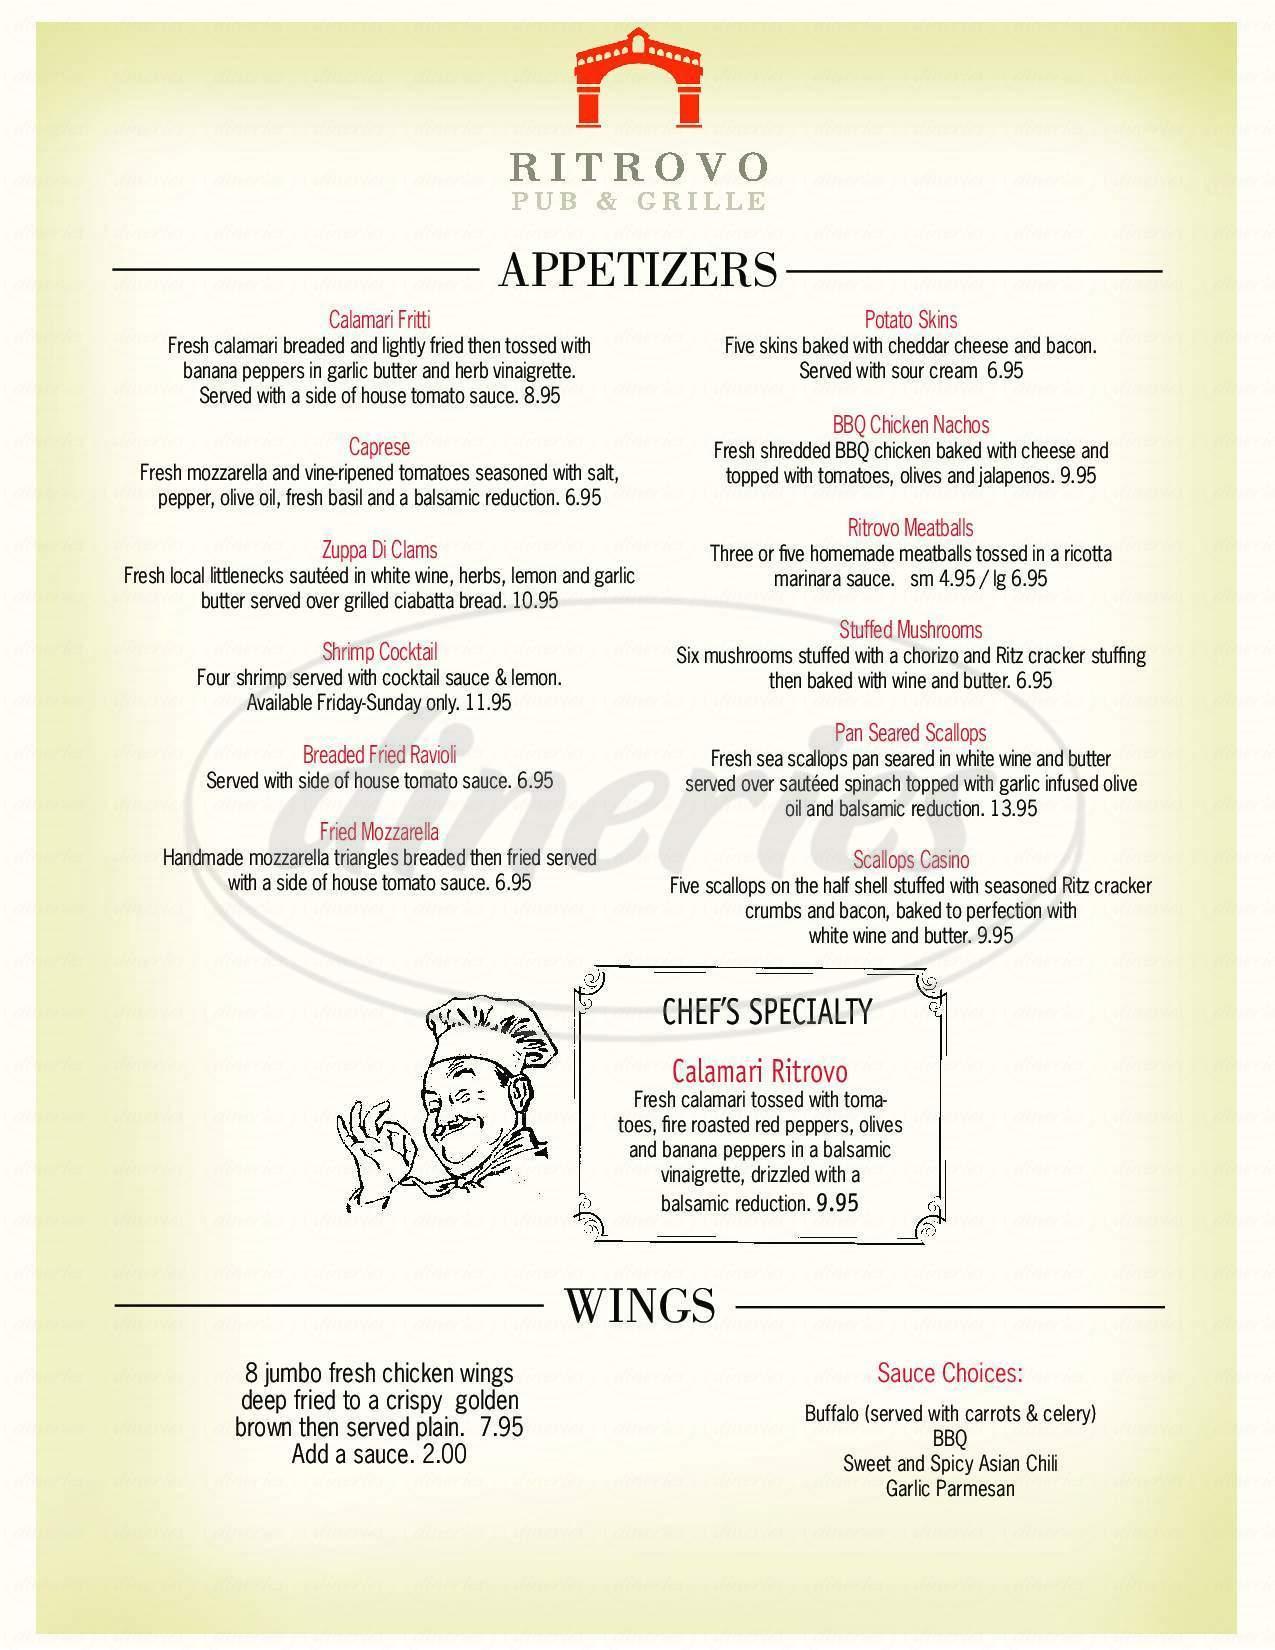 menu for Ritrovo Italian Pub & Grille